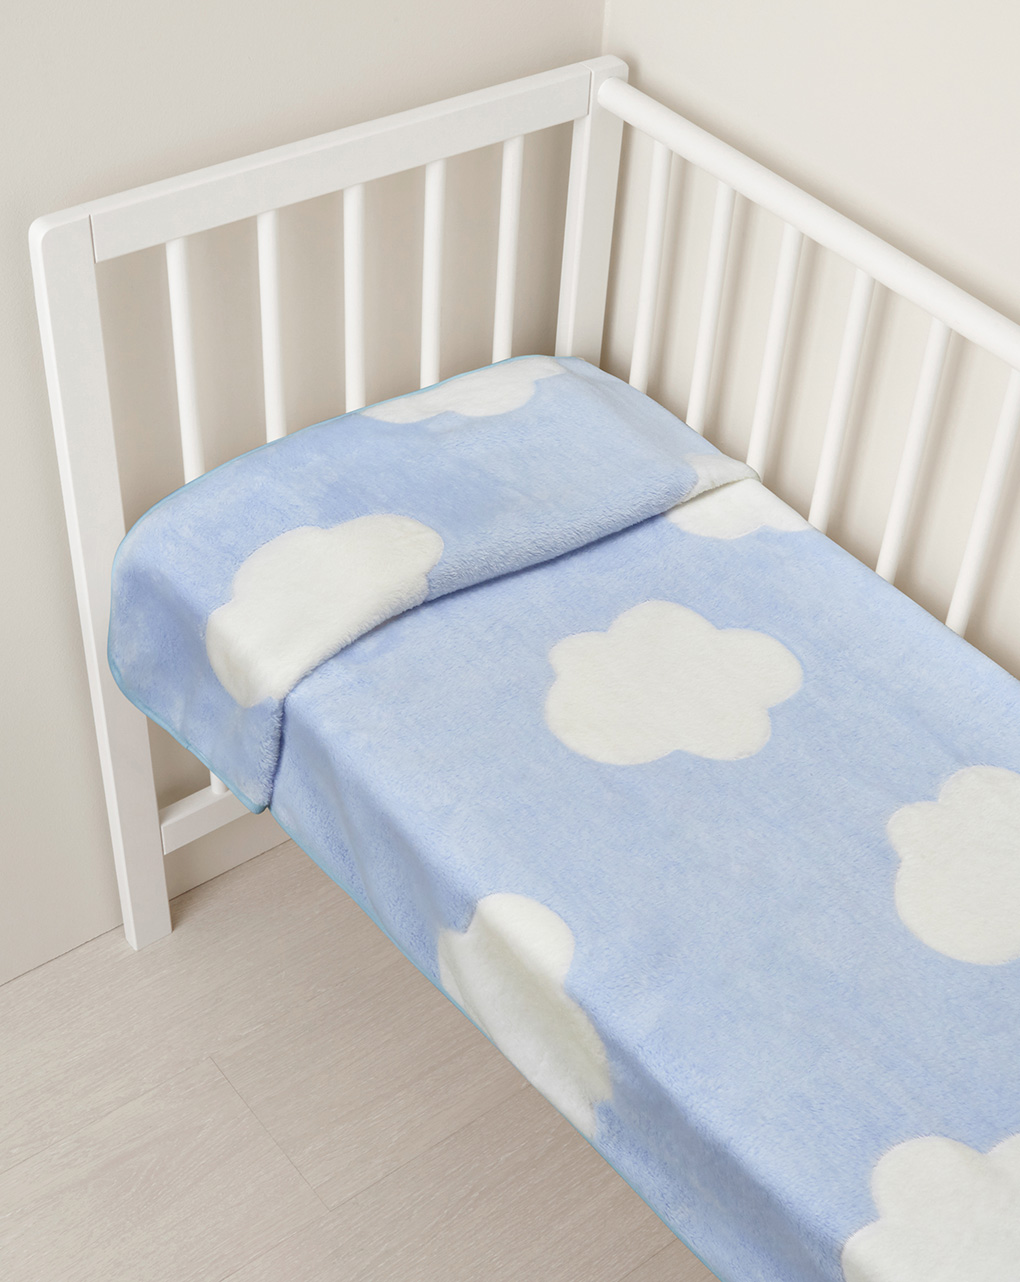 Culla/carrozzina - coperta per culla in finta pelliccetta azzurra con nuvole - Prénatal